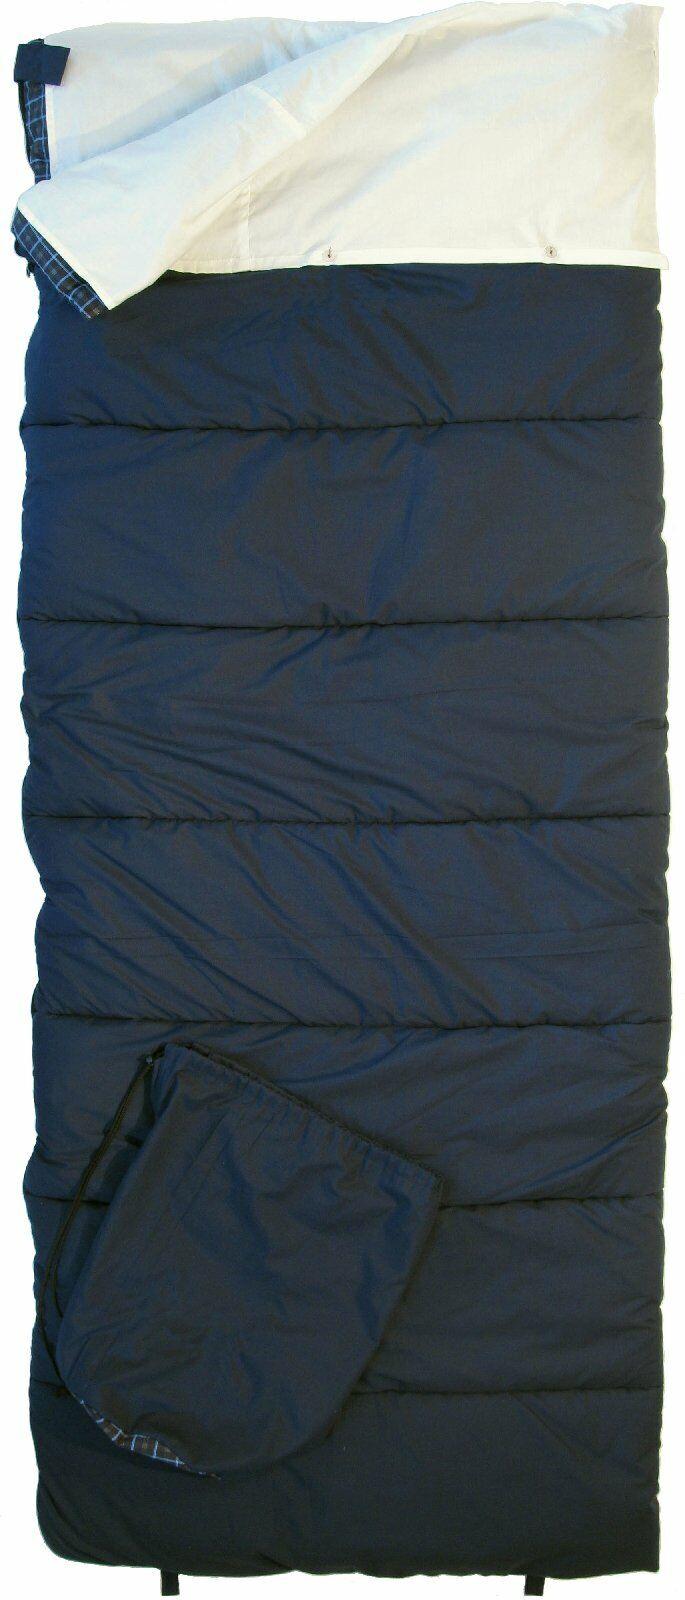 AWN 2in1 Sacco a pelo Sacco a pelo soffitto e coperta rimovibile Inlett CAMPEGGIO BARCA